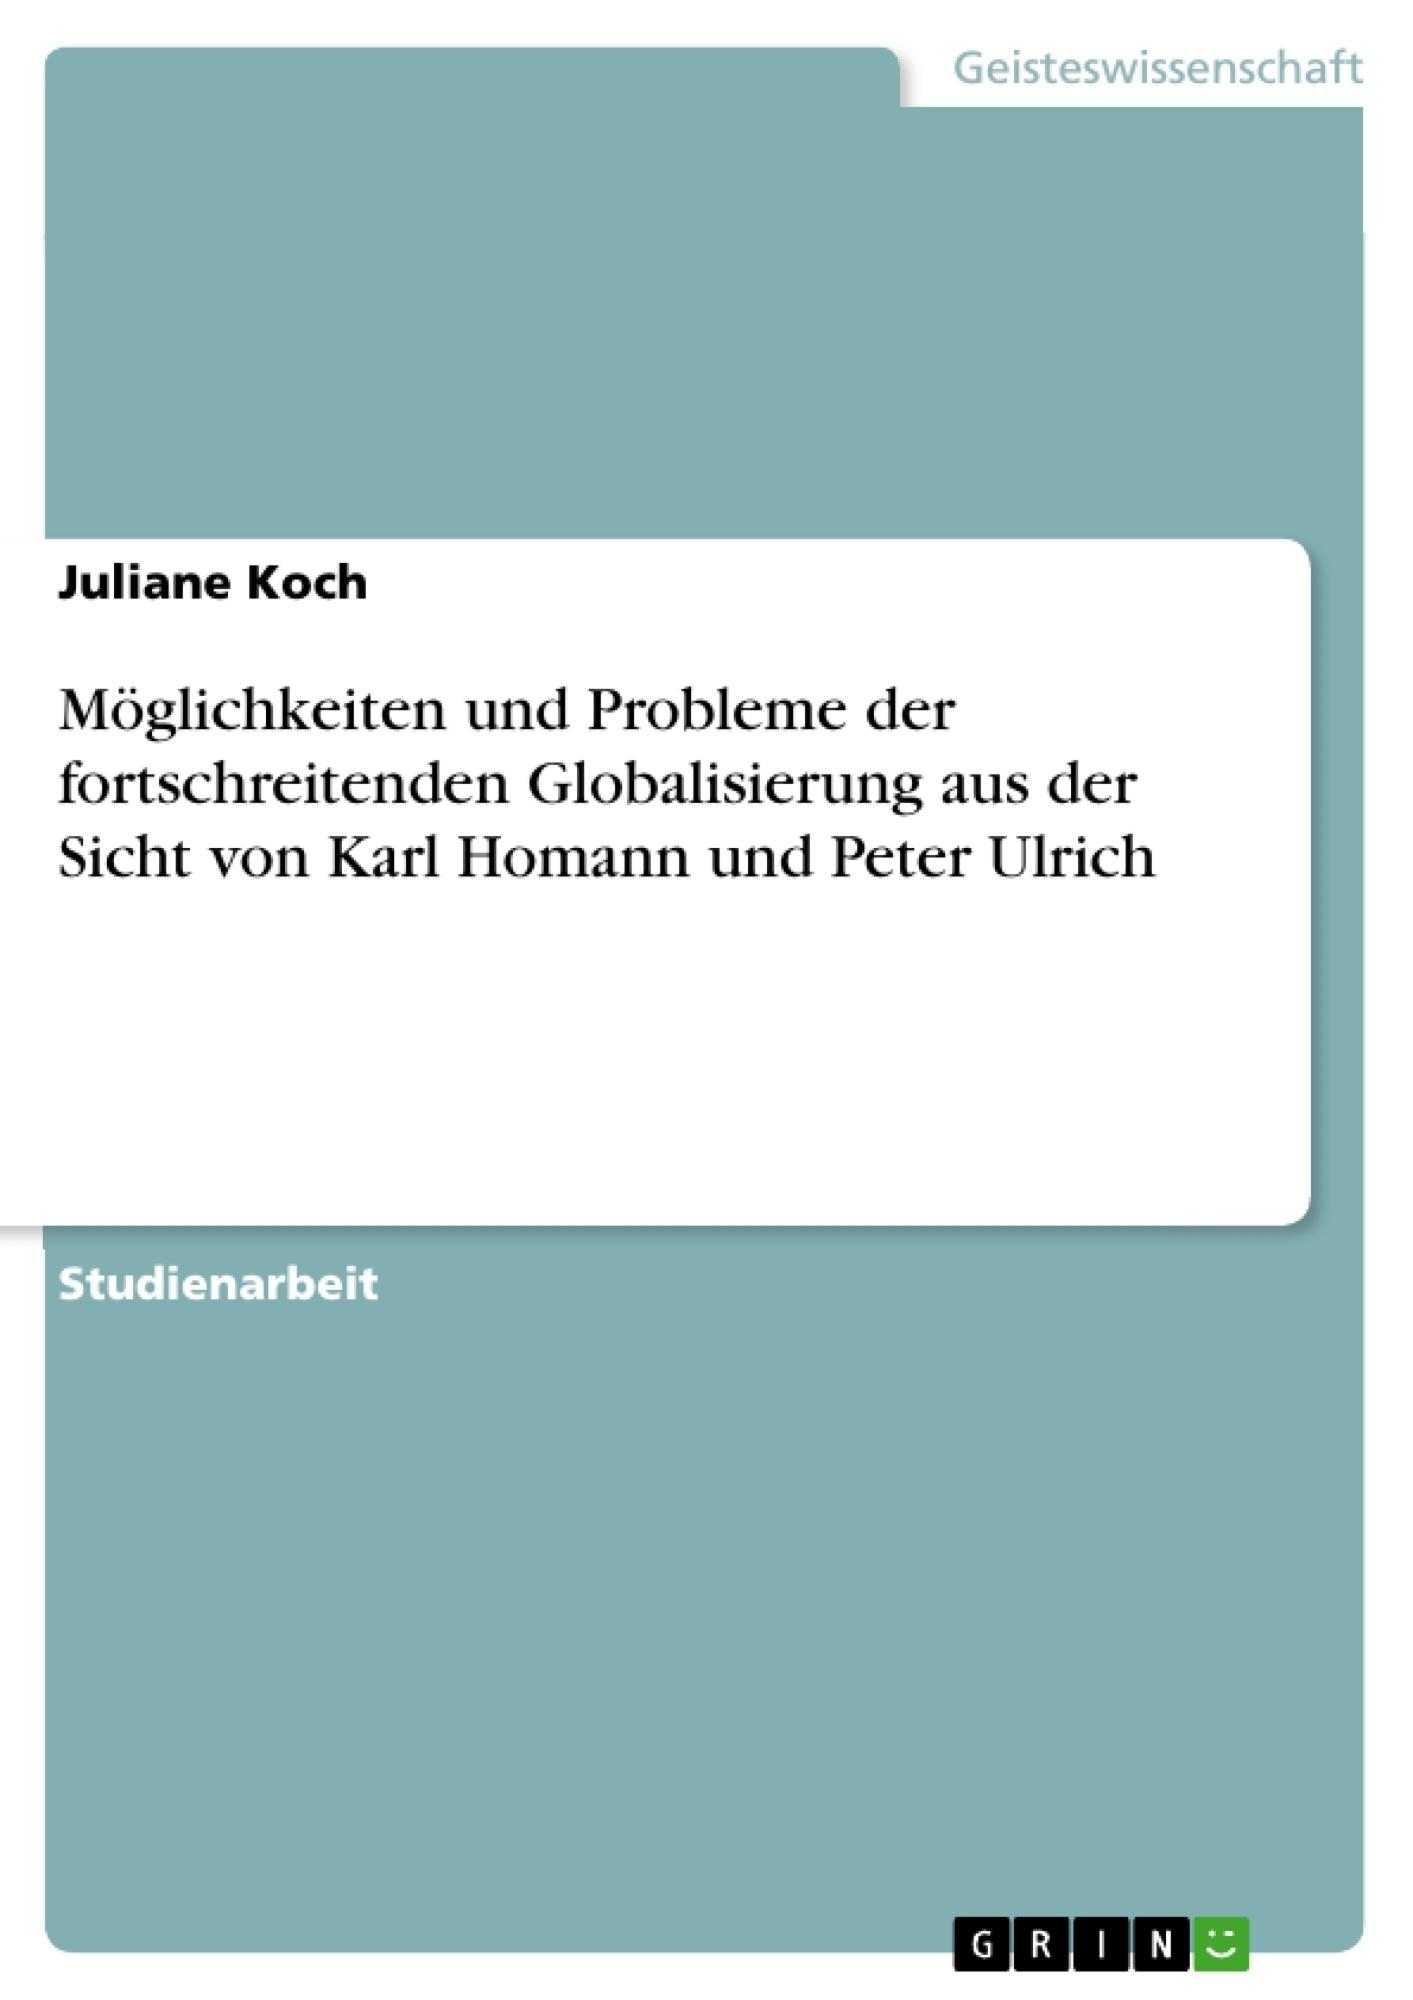 Titel: Möglichkeiten und Probleme der fortschreitenden Globalisierung aus der Sicht von Karl Homann und Peter Ulrich